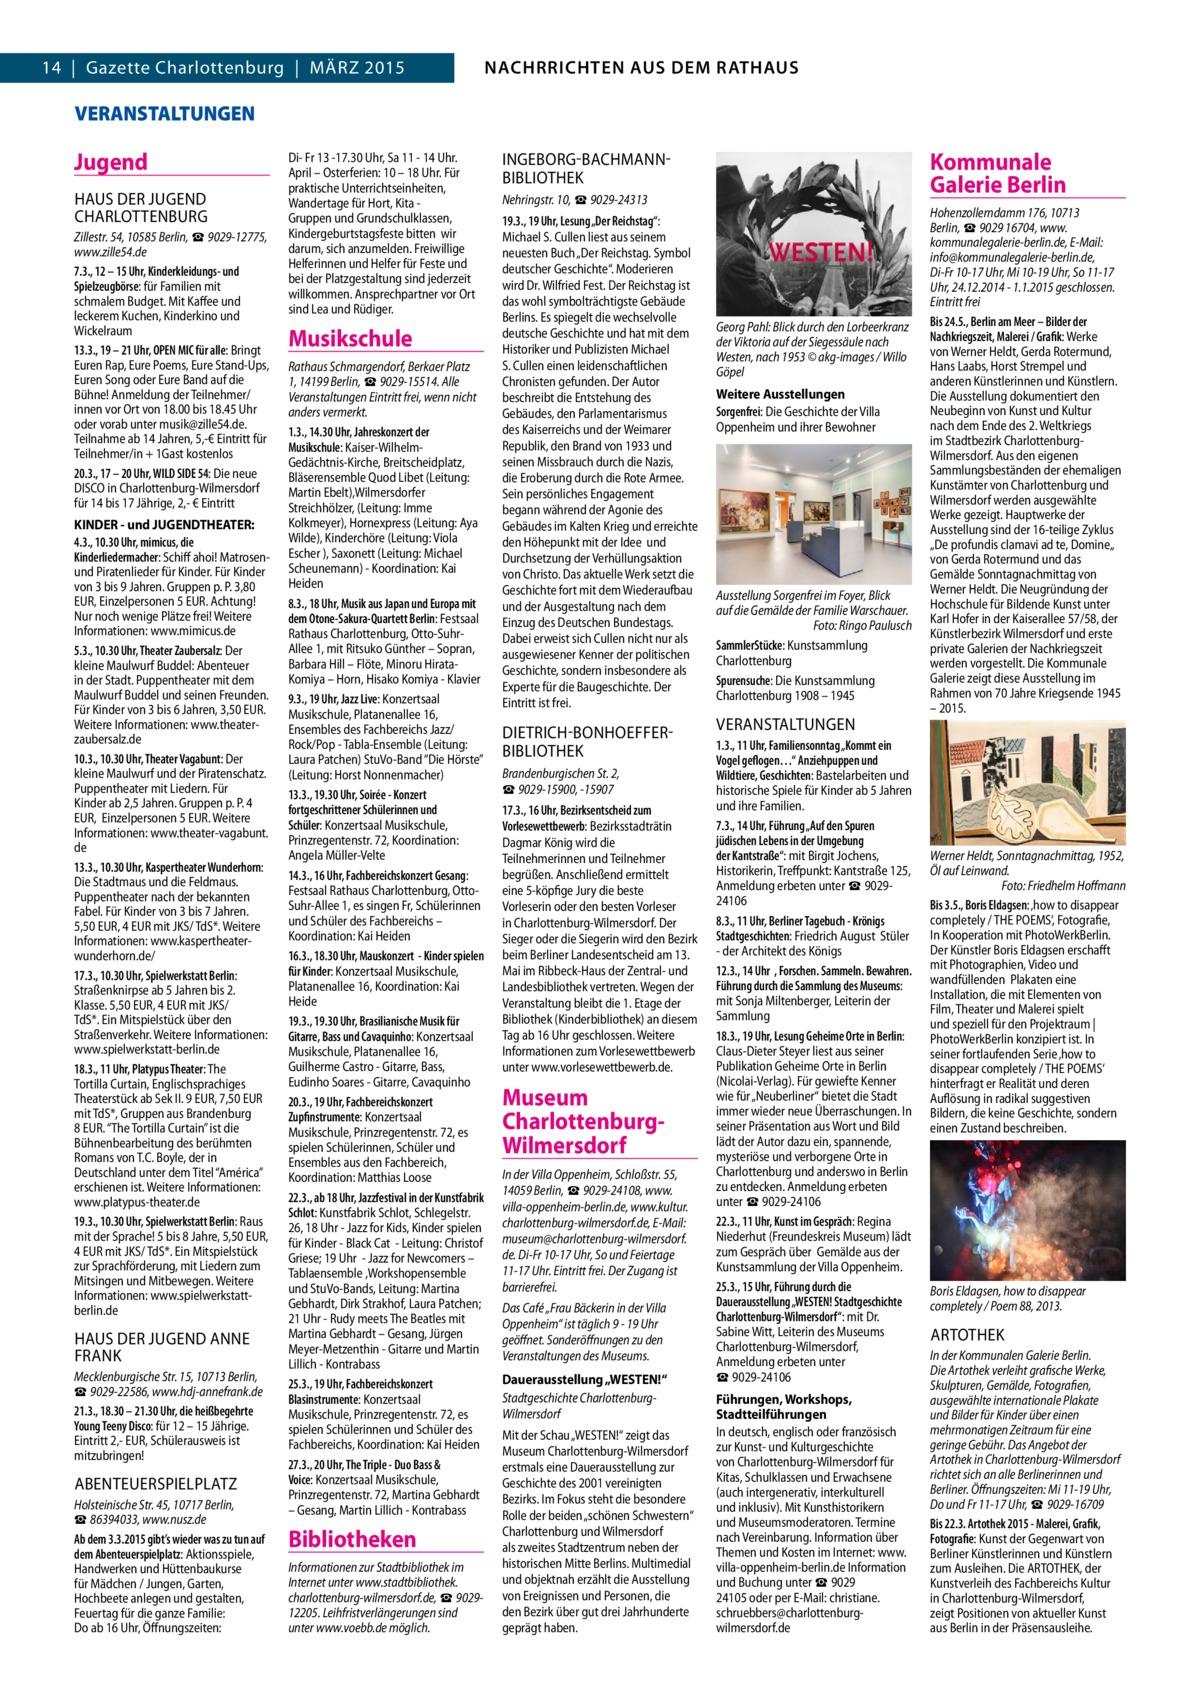 NACHRICHTEN AUS DEM RATHAUS NACHRRICHTEN AUS DEM RATHAUS  14 | Gazette Charlottenburg | MÄRZ 2015  VERANSTALTUNGEN  Jugend HAUS DER JUGEND CHARLOTTENBURG Zillestr. 54, 10585 Berlin, ☎9029-12775, www.zille54.de 7.3., 12 – 15 Uhr, Kinderkleidungs- und Spielzeugbörse: für Familien mit schmalem Budget. Mit Kaffee und leckerem Kuchen, Kinderkino und Wickelraum 13.3., 19 – 21 Uhr, OPEN MIC für alle: Bringt Euren Rap, Eure Poems, Eure Stand-Ups, Euren Song oder Eure Band auf die Bühne! Anmeldung der Teilnehmer/ innen vor Ort von 18.00 bis 18.45 Uhr oder vorab unter musik@zille54.de. Teilnahme ab 14 Jahren, 5,-€ Eintritt für Teilnehmer/in + 1Gast kostenlos 20.3., 17 – 20 Uhr, WILD SIDE 54: Die neue DISCO in Charlottenburg-Wilmersdorf für 14 bis 17 Jährige, 2,- € Eintritt KINDER - und JUGENDTHEATER: 4.3., 10.30 Uhr, mimicus, die Kinderliedermacher: Schiff ahoi! Matrosenund Piratenlieder für Kinder. Für Kinder von 3 bis 9 Jahren. Gruppen p. P. 3,80 EUR, Einzelpersonen 5 EUR. Achtung! Nur noch wenige Plätze frei! Weitere Informationen: www.mimicus.de 5.3., 10.30 Uhr, Theater Zaubersalz: Der kleine Maulwurf Buddel: Abenteuer in der Stadt. Puppentheater mit dem Maulwurf Buddel und seinen Freunden. Für Kinder von 3 bis 6 Jahren, 3,50 EUR. Weitere Informationen: www.theaterzaubersalz.de 10.3., 10.30 Uhr, Theater Vagabunt: Der kleine Maulwurf und der Piratenschatz. Puppentheater mit Liedern. Für Kinder ab 2,5 Jahren. Gruppen p. P. 4 EUR, Einzelpersonen 5 EUR. Weitere Informationen: www.theater-vagabunt. de 13.3., 10.30 Uhr, Kaspertheater Wunderhorn: Die Stadtmaus und die Feldmaus. Puppentheater nach der bekannten Fabel. Für Kinder von 3 bis 7 Jahren. 5,50 EUR, 4 EUR mit JKS/ TdS*. Weitere Informationen: www.kaspertheaterwunderhorn.de/ 17.3., 10.30 Uhr, Spielwerkstatt Berlin: Straßenknirpse ab 5 Jahren bis 2. Klasse. 5,50 EUR, 4 EUR mit JKS/ TdS*. Ein Mitspielstück über den Straßenverkehr. Weitere Informationen: www.spielwerkstatt-berlin.de 18.3., 11 Uhr, Platypus Theater: The Torti